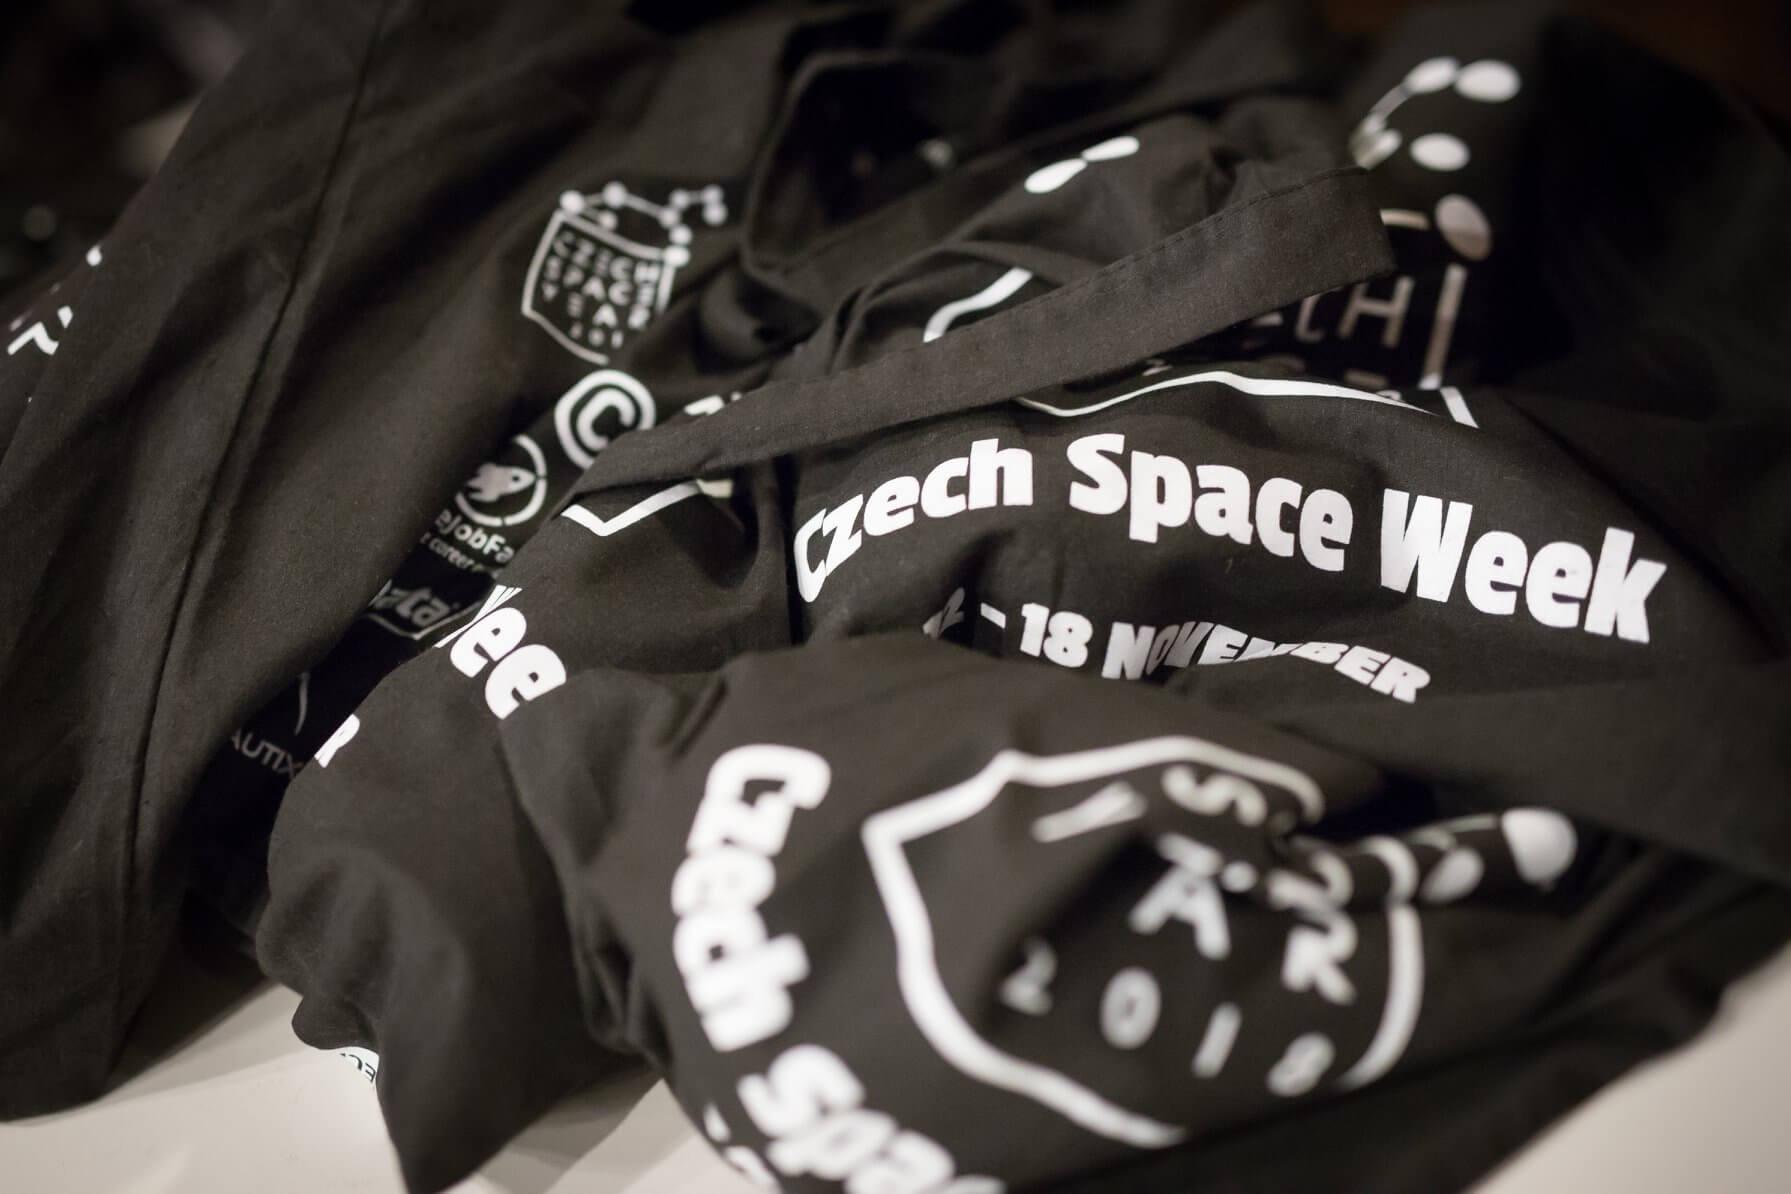 CZECH SPACE WEEK back in time